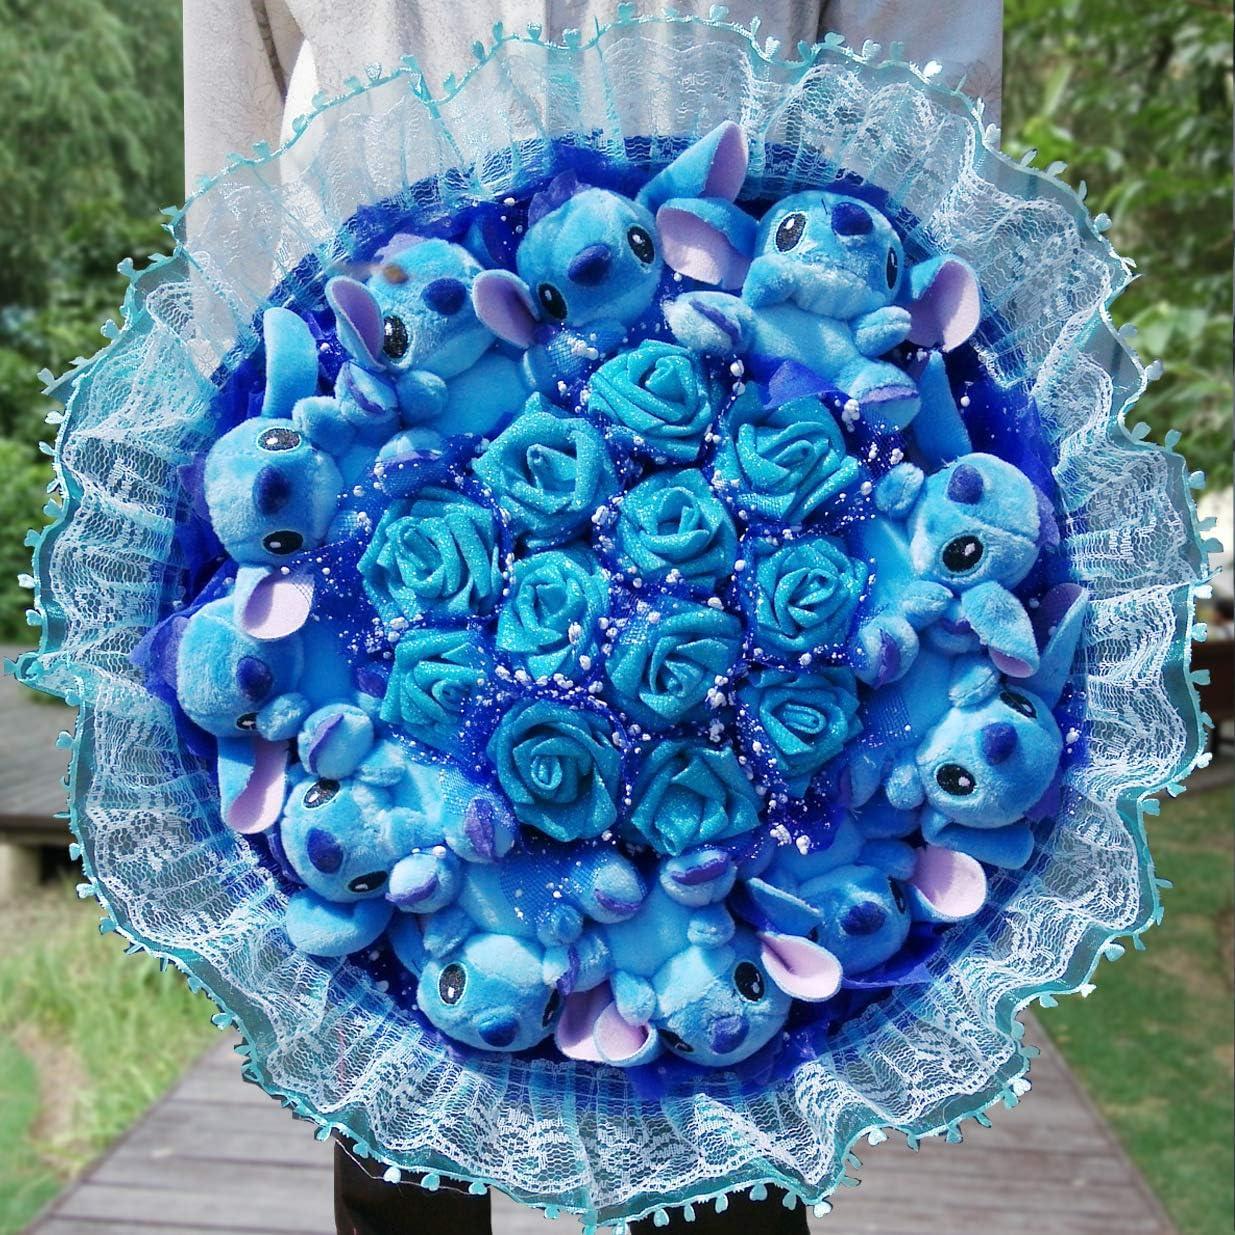 N//B Bouquet di Punti Kawaii Regalo Stitch Toy Doll Peluche Anime Lilo Stitch PVC Dolls di Animali Carino Stich Bouquet Regalo Romantico A